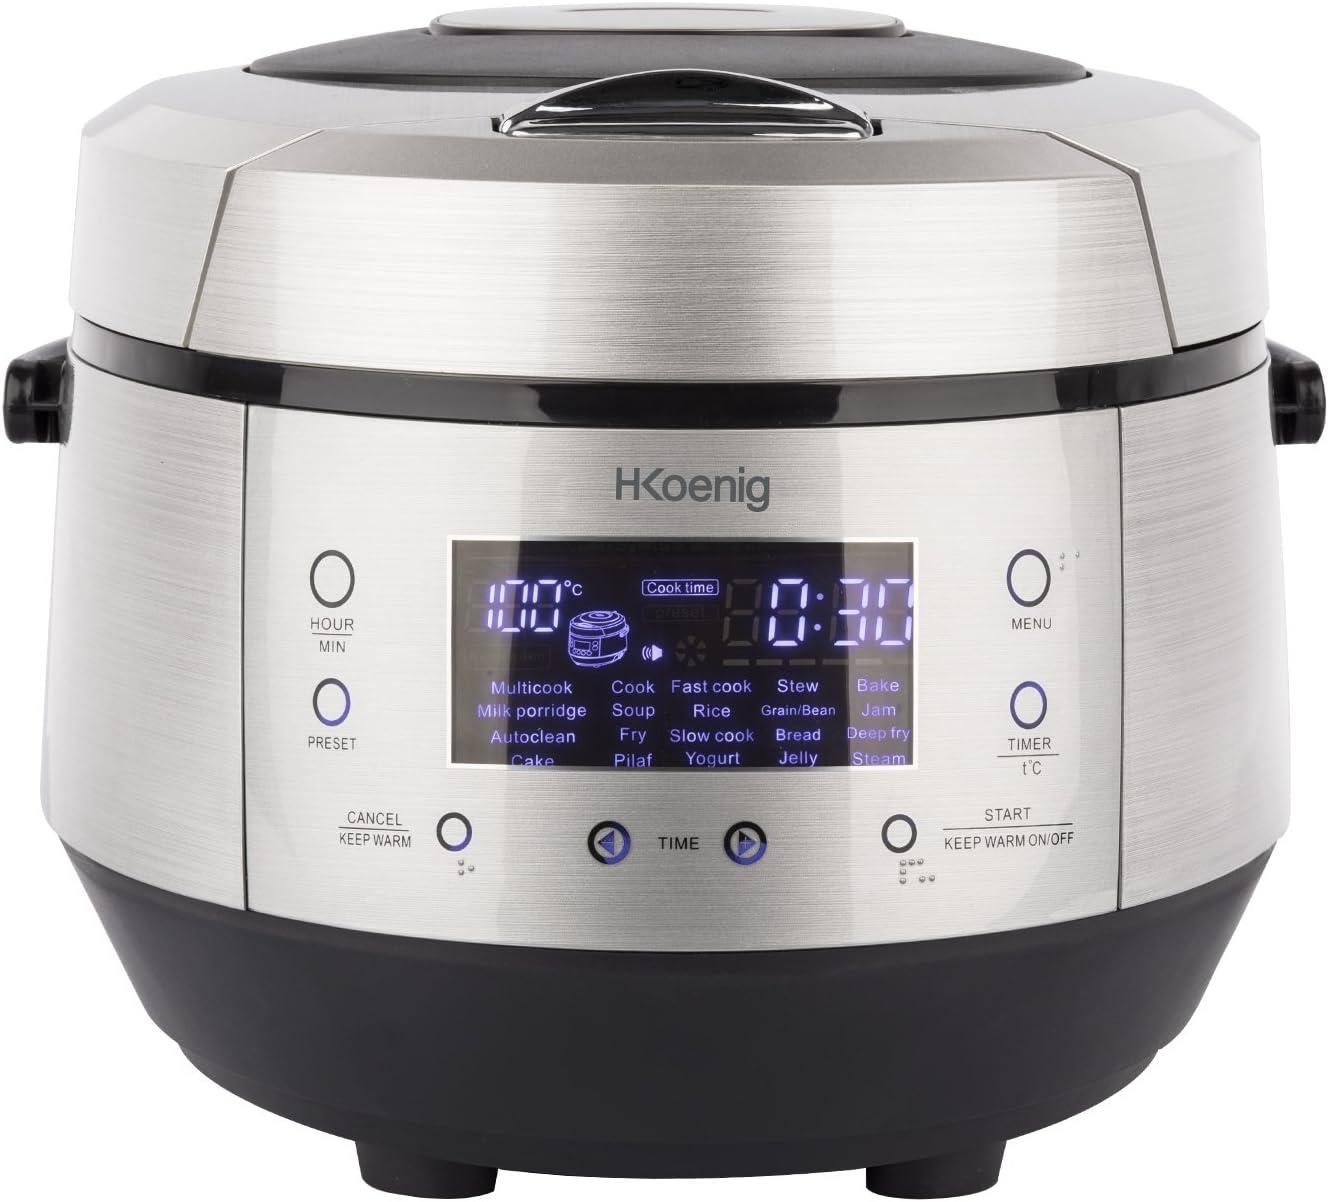 H.Koenig MLCOOK10 Robot de Cocina, 860 W, 5 litros, Plateado y ...